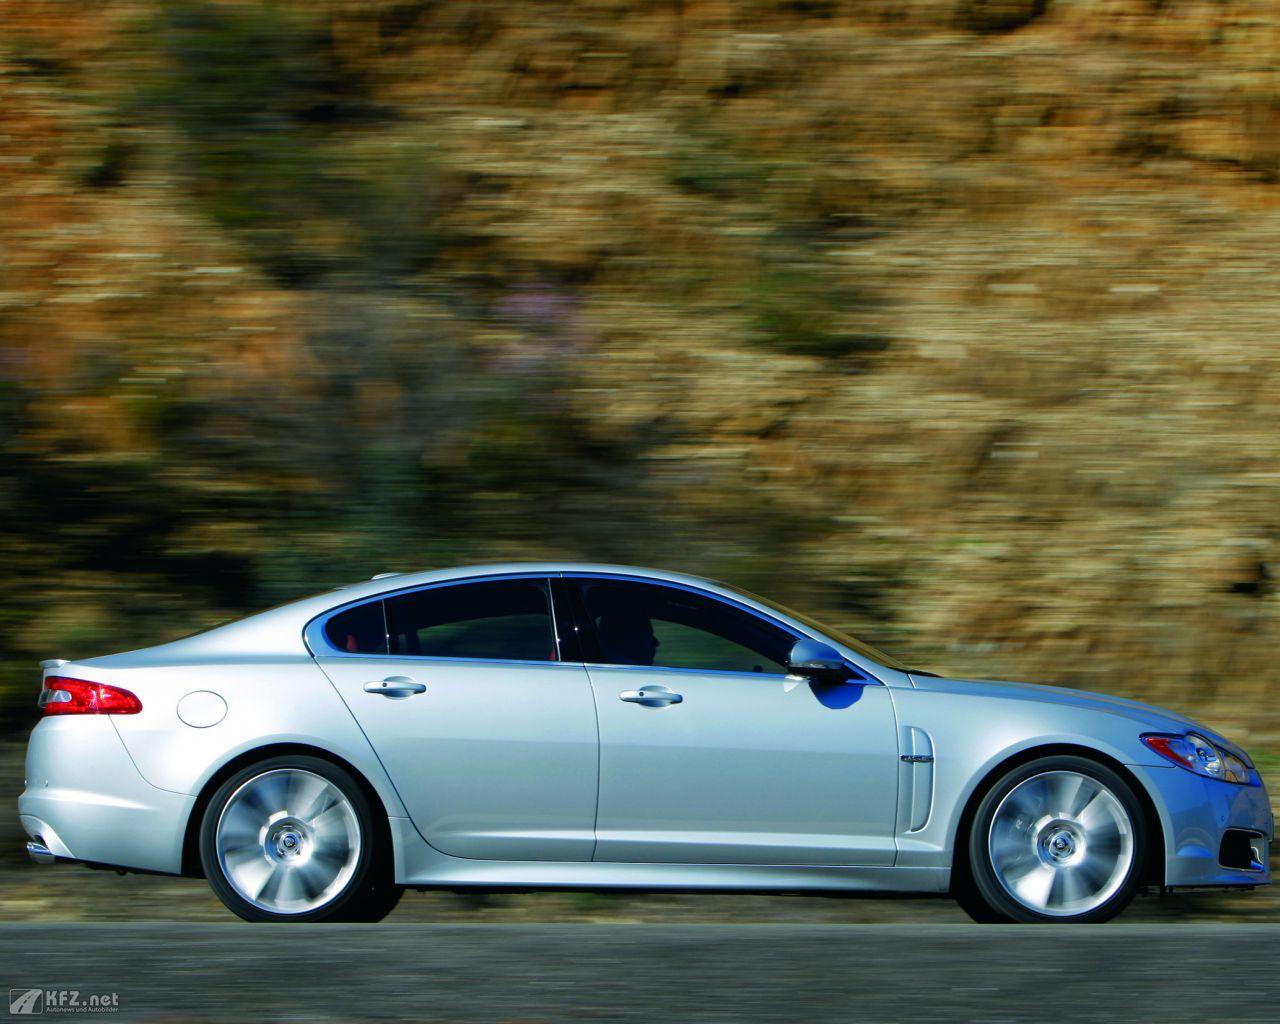 jaguar-xf-1280x1024-81